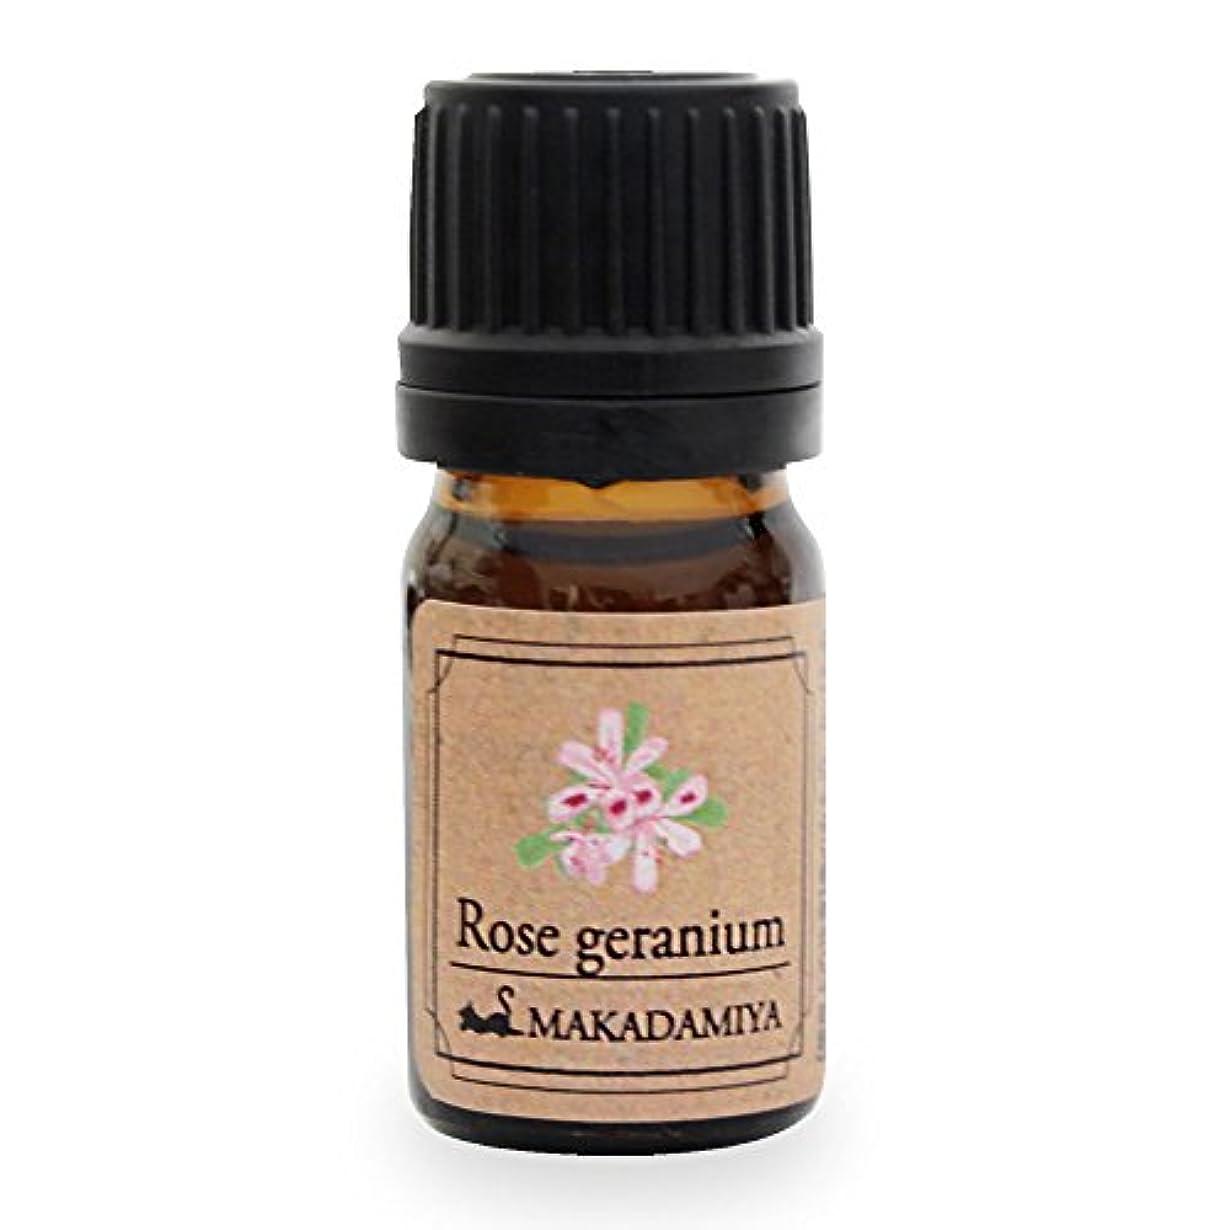 ダイヤモンド殺人滴下ローズゼラニウム5ml 天然100%植物性 エッセンシャルオイル(精油) アロマオイル アロママッサージ aroma Rose Geranium